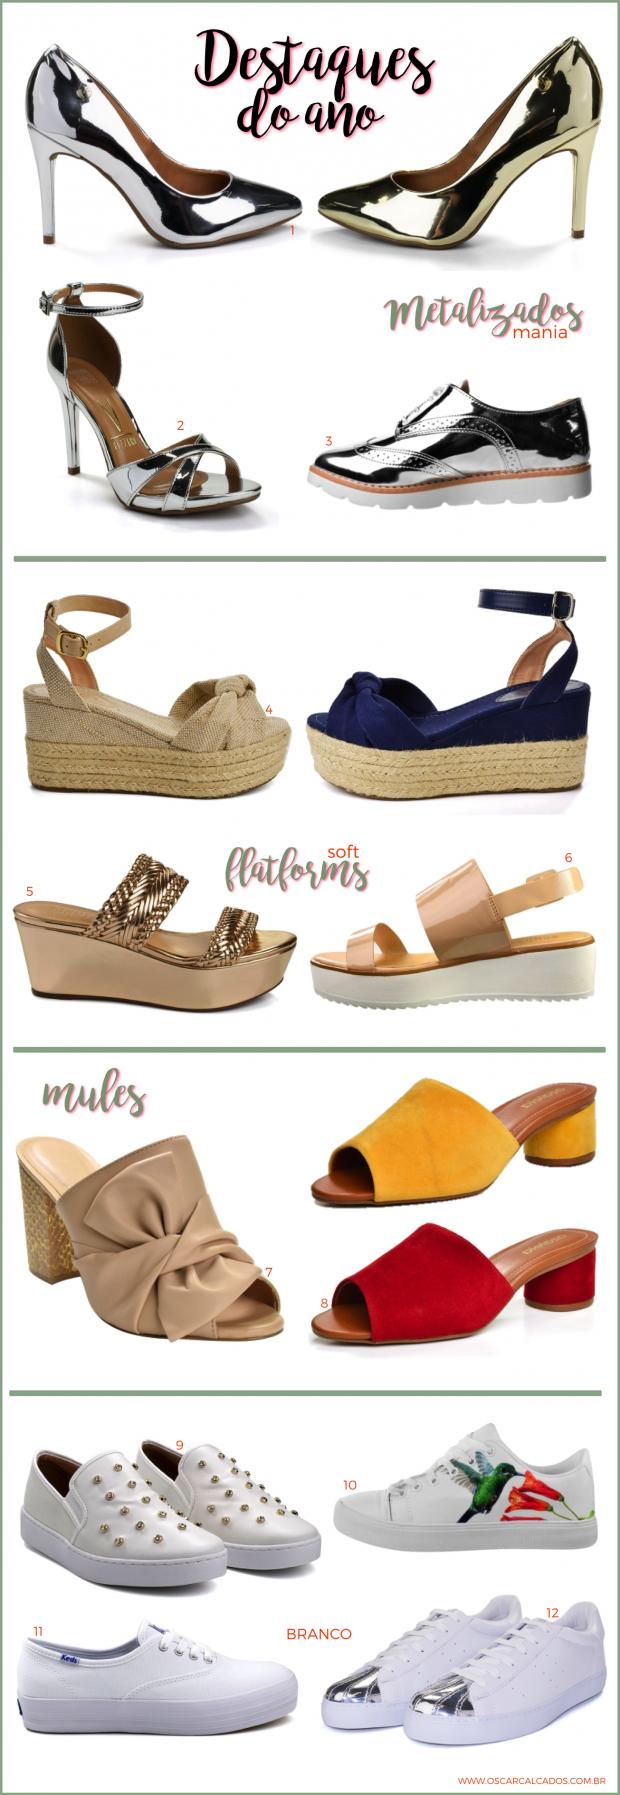 oscar-calçados